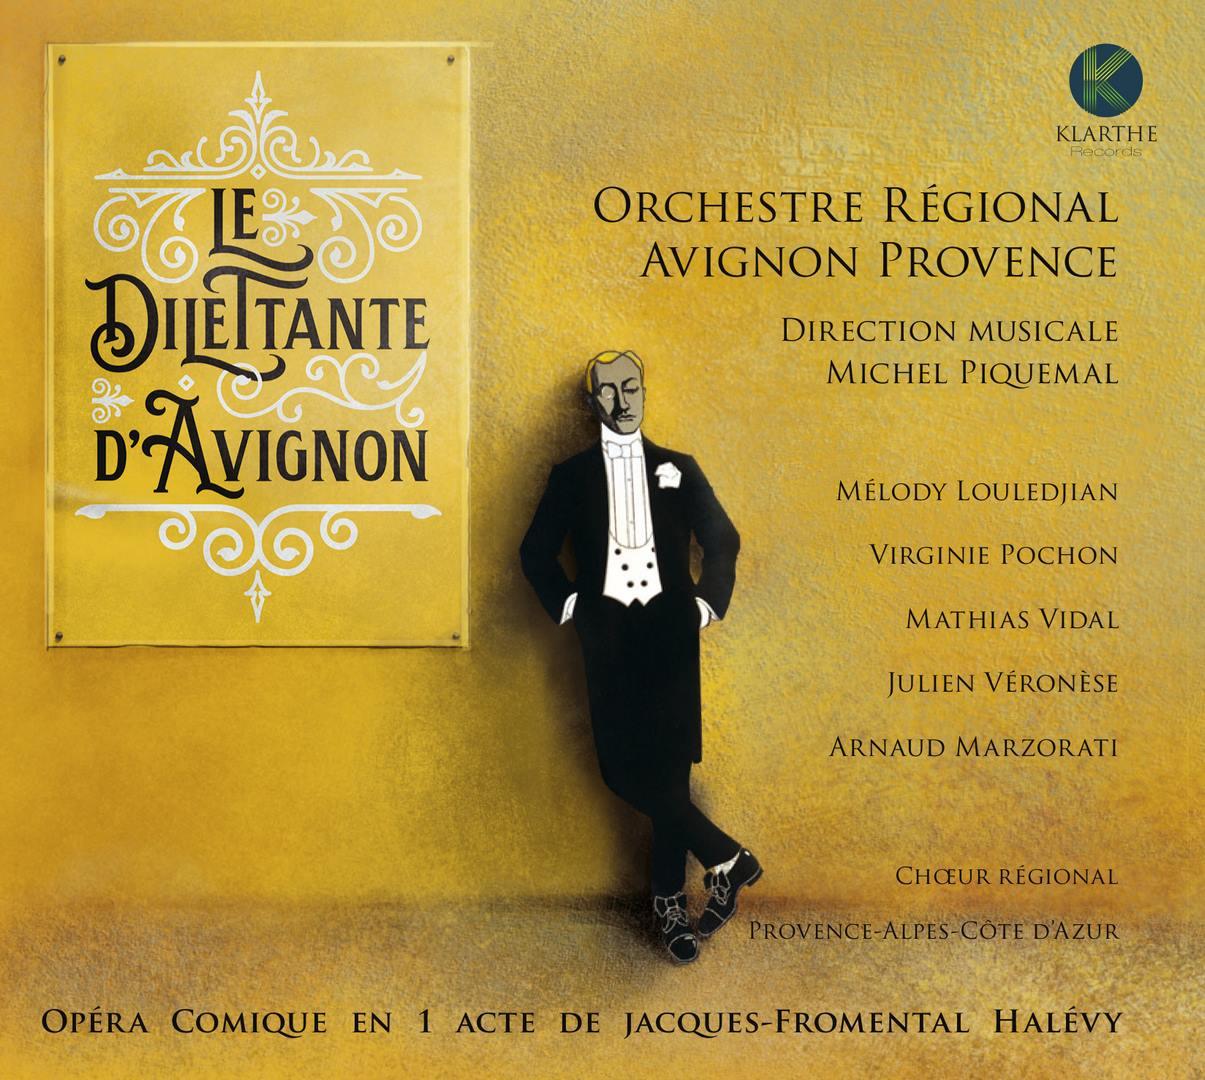 Halevy opera annonce critique opera dilettante d avignon piquemal halevy KLARTHE records  cd opera critique KLA073couv_low